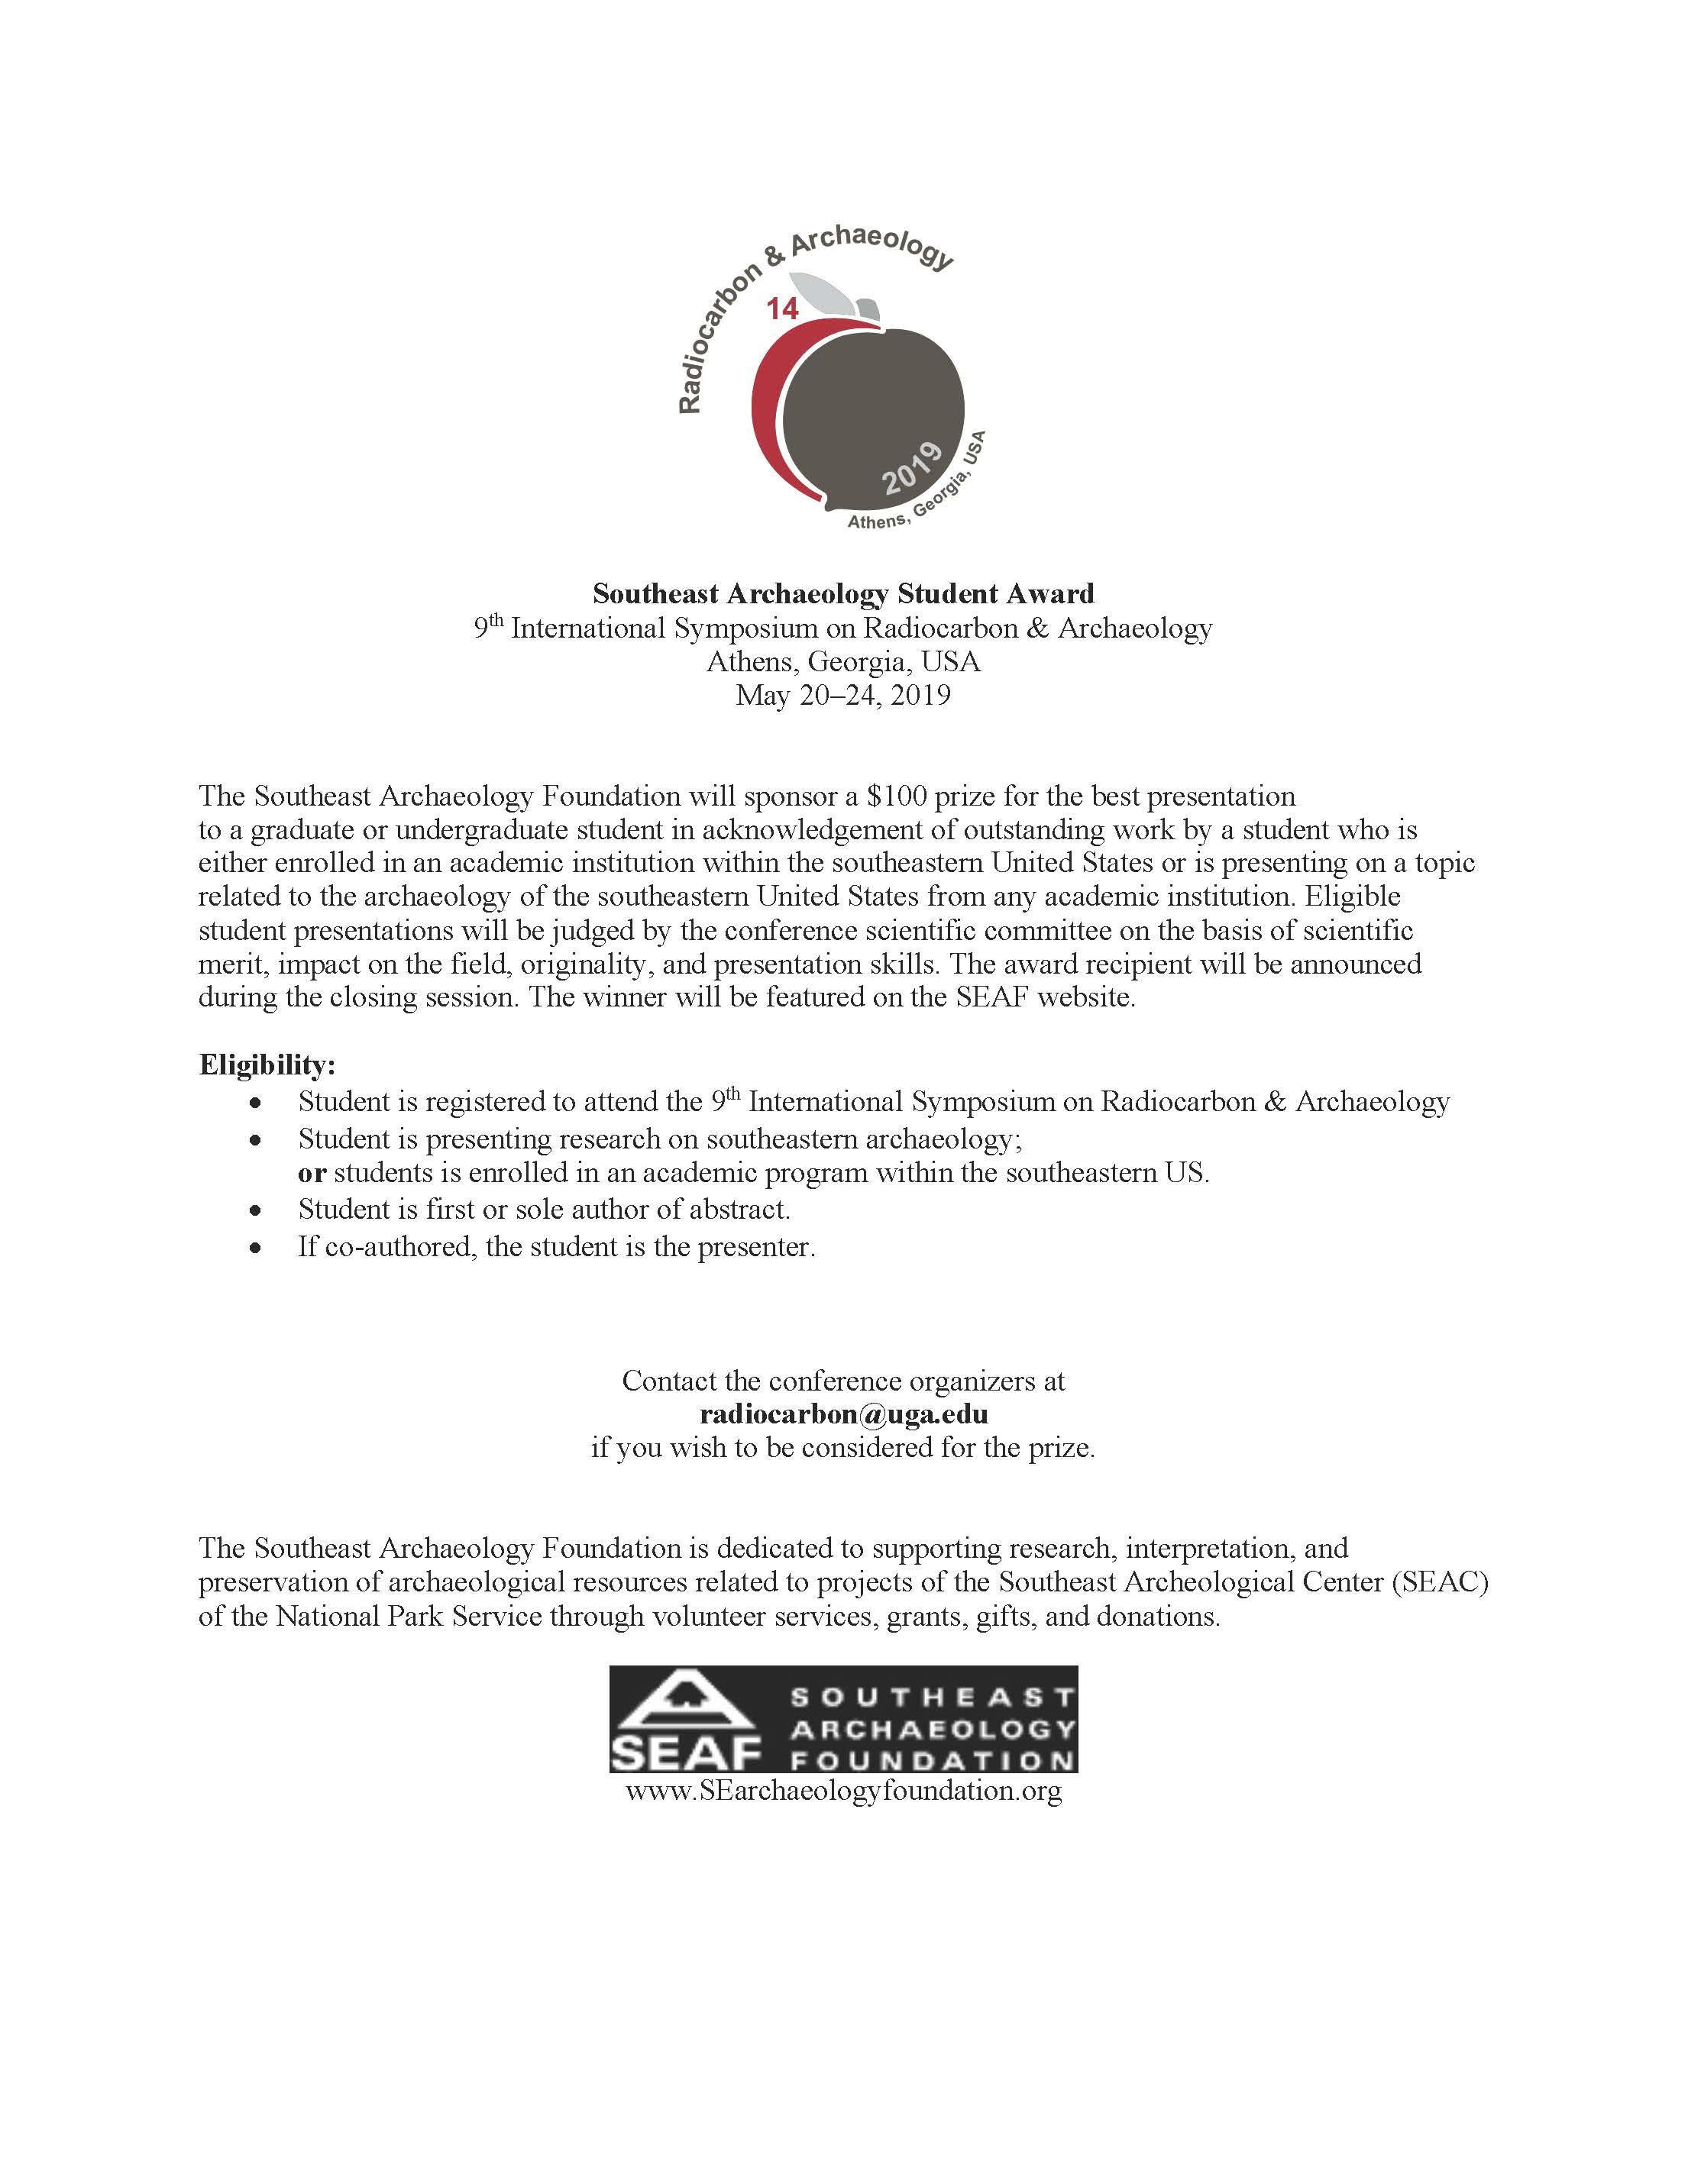 Southeast Archeology Student Prize Award.jpg